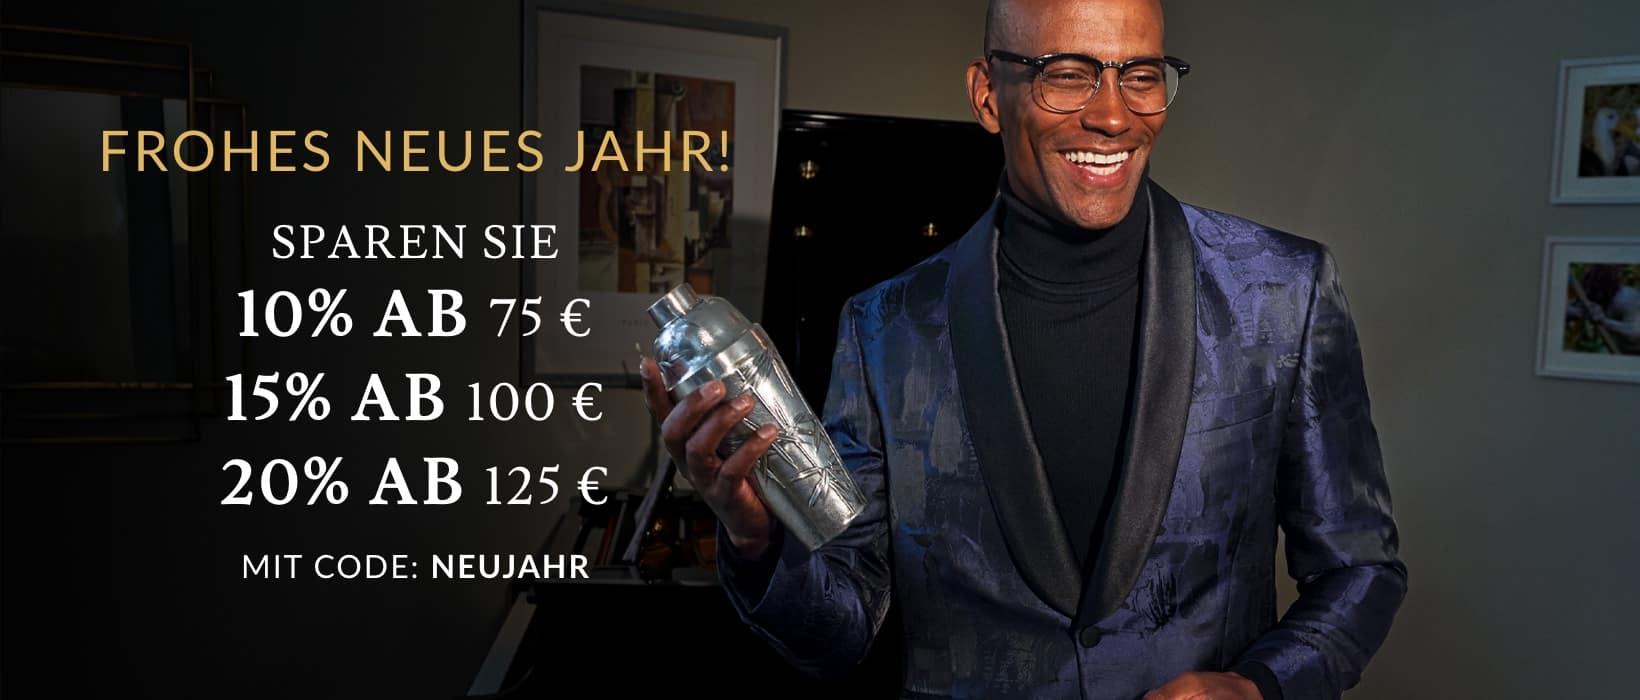 Charles Tyrwhitt - 5 Hemden 111€ (22,20 pro Hemd)